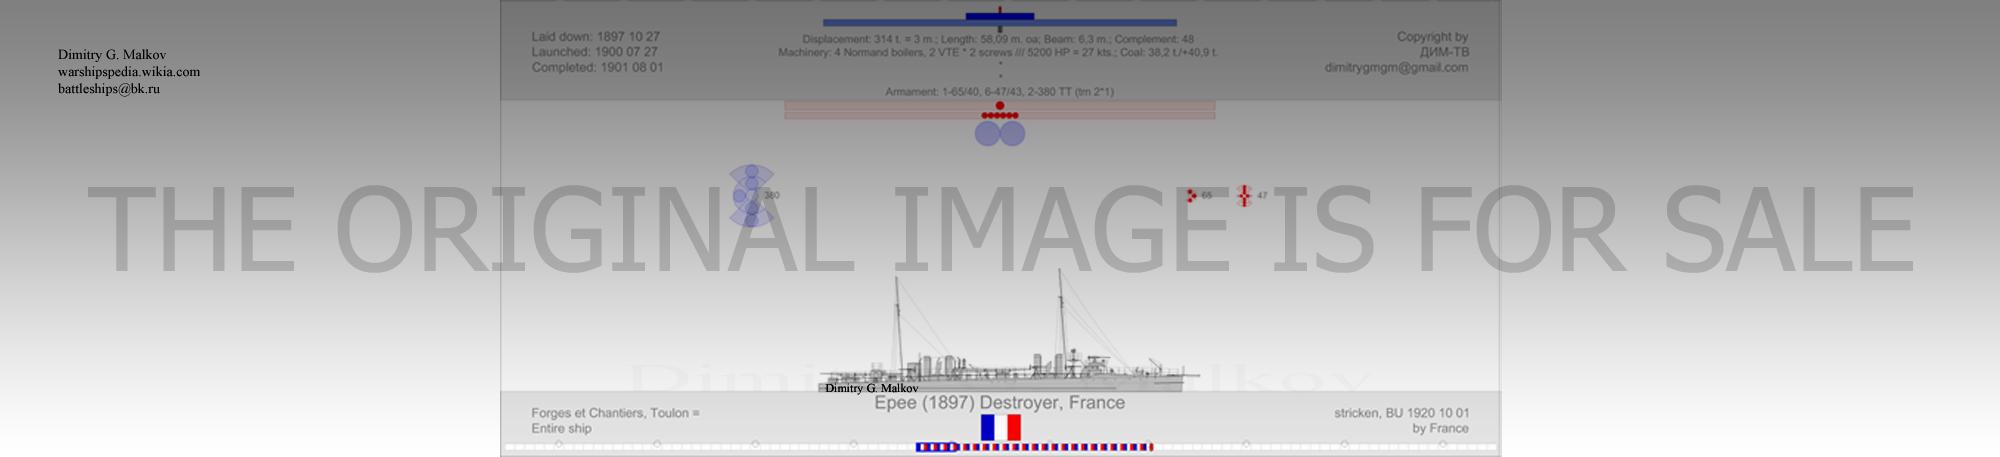 Mes dessins des navires francais - Page 9 Dd-18917